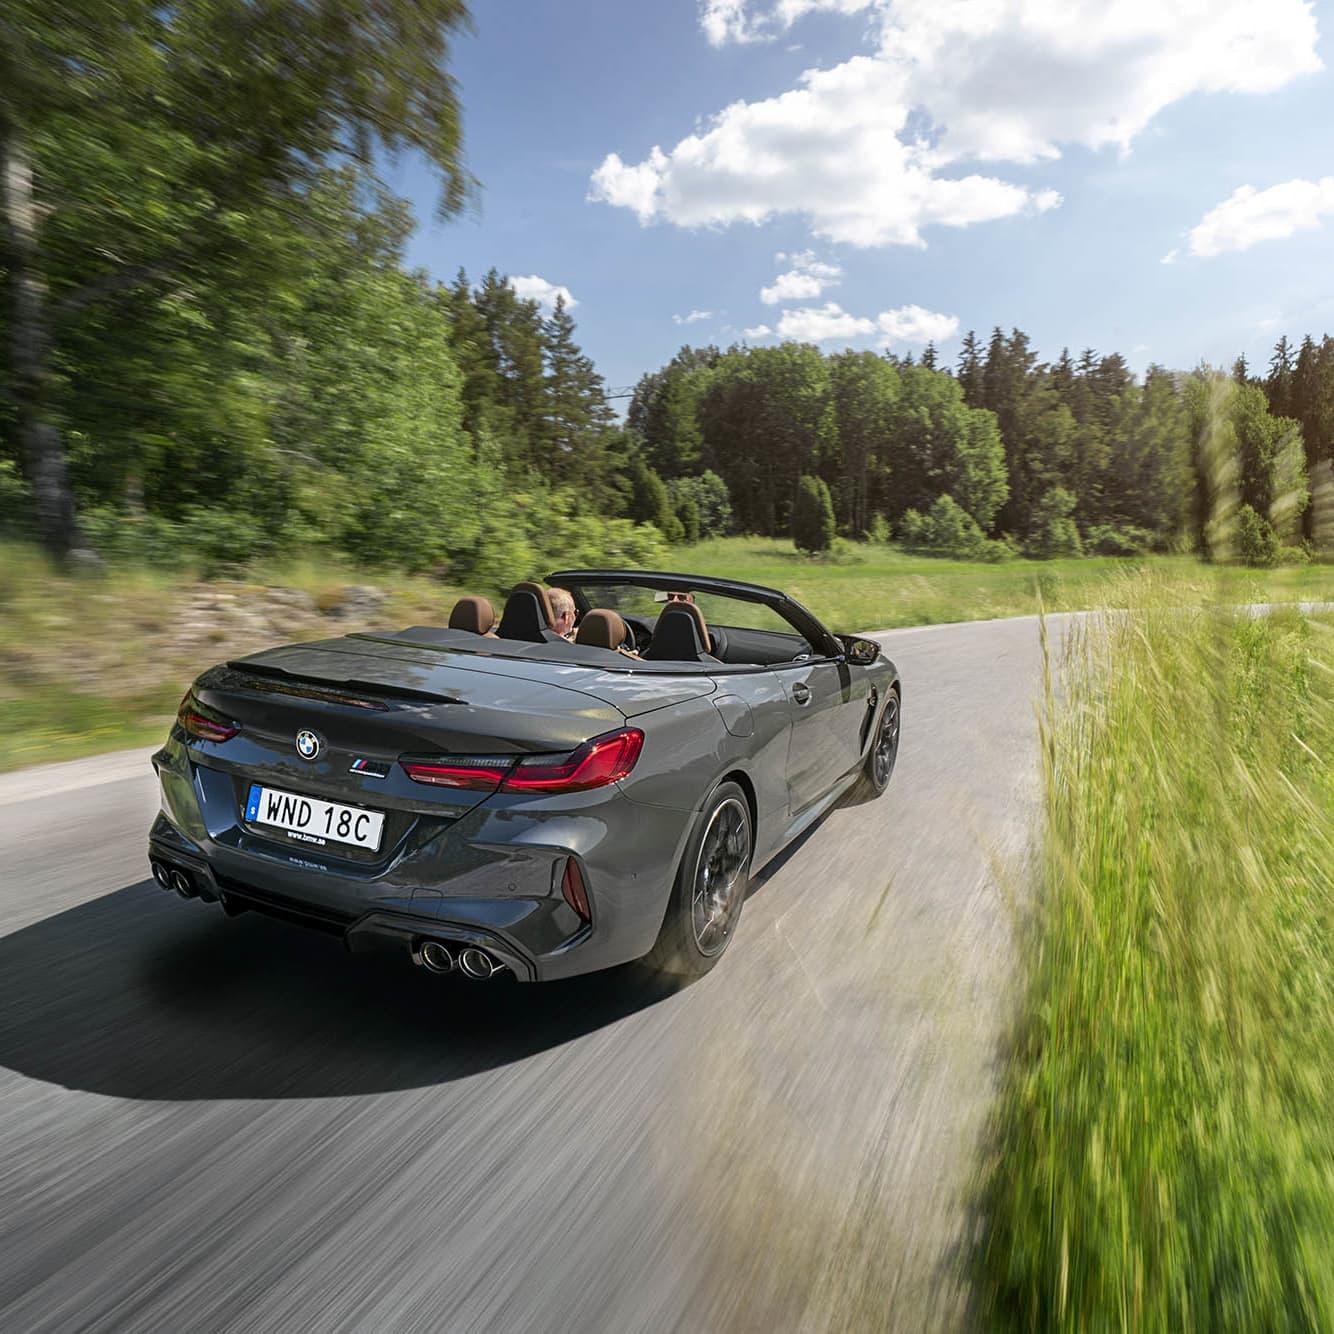 Bland det mest optimala sätt att ta sig fram i sommarsolen utan tak heter BMW M8 Competition Cabriolet!